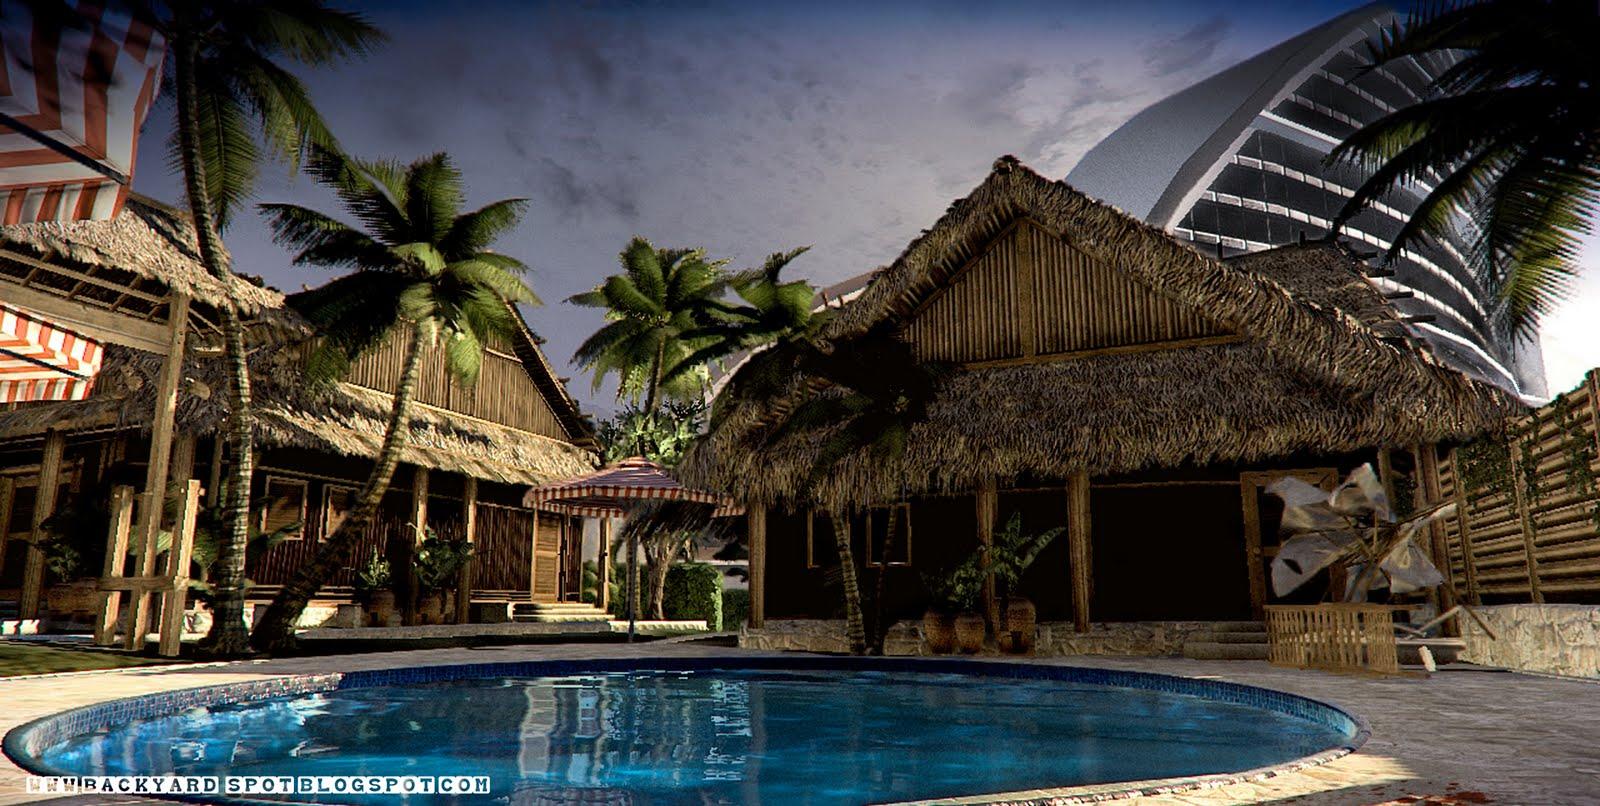 The Backyard Spot: Dead Island - HD Wallpapers (1080)